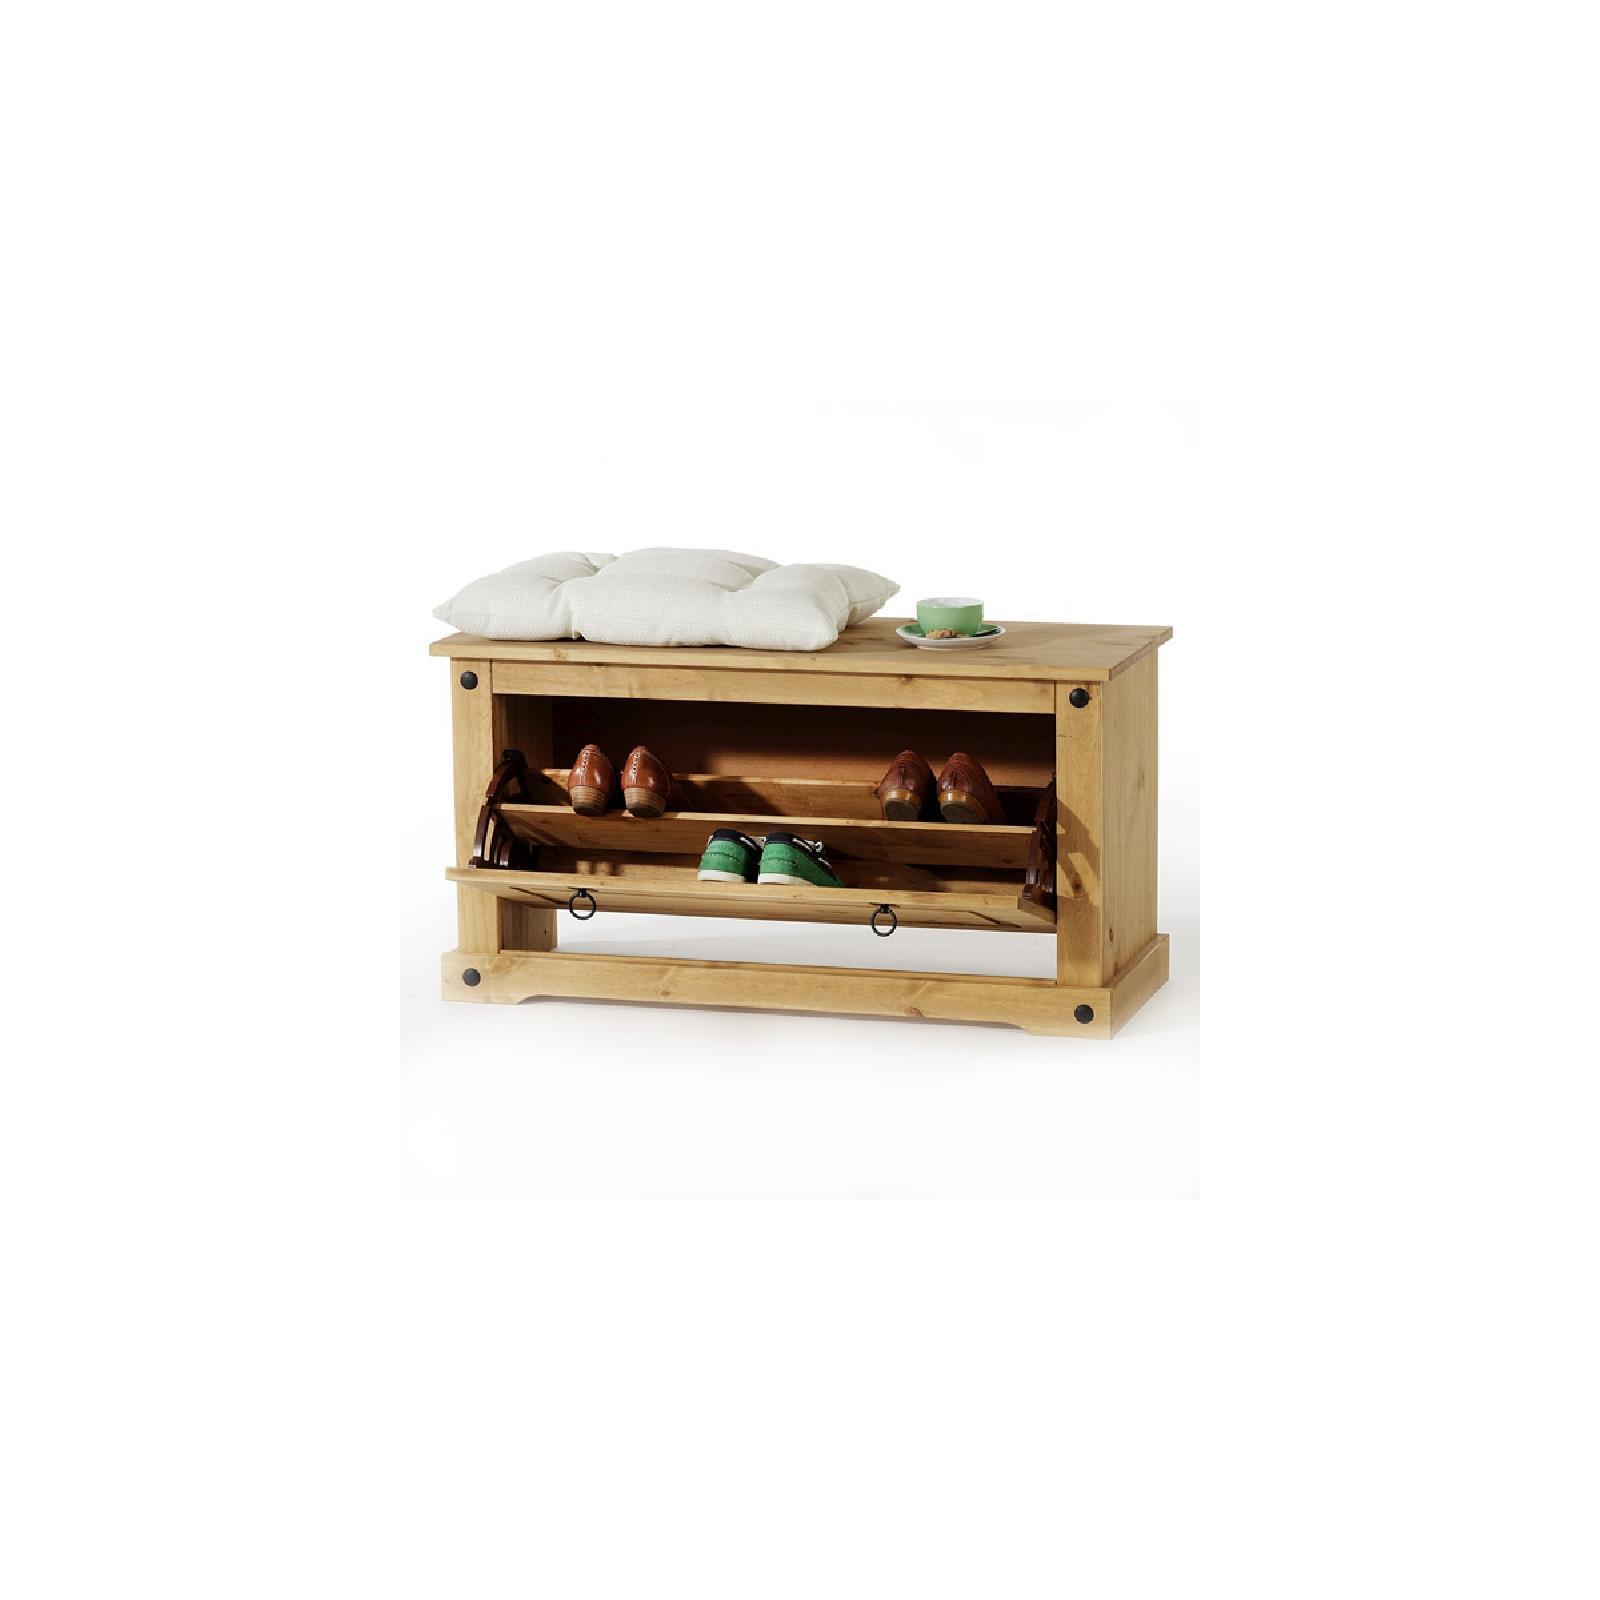 schuhbank mexico m bel aus kiefernholz caro m bel. Black Bedroom Furniture Sets. Home Design Ideas